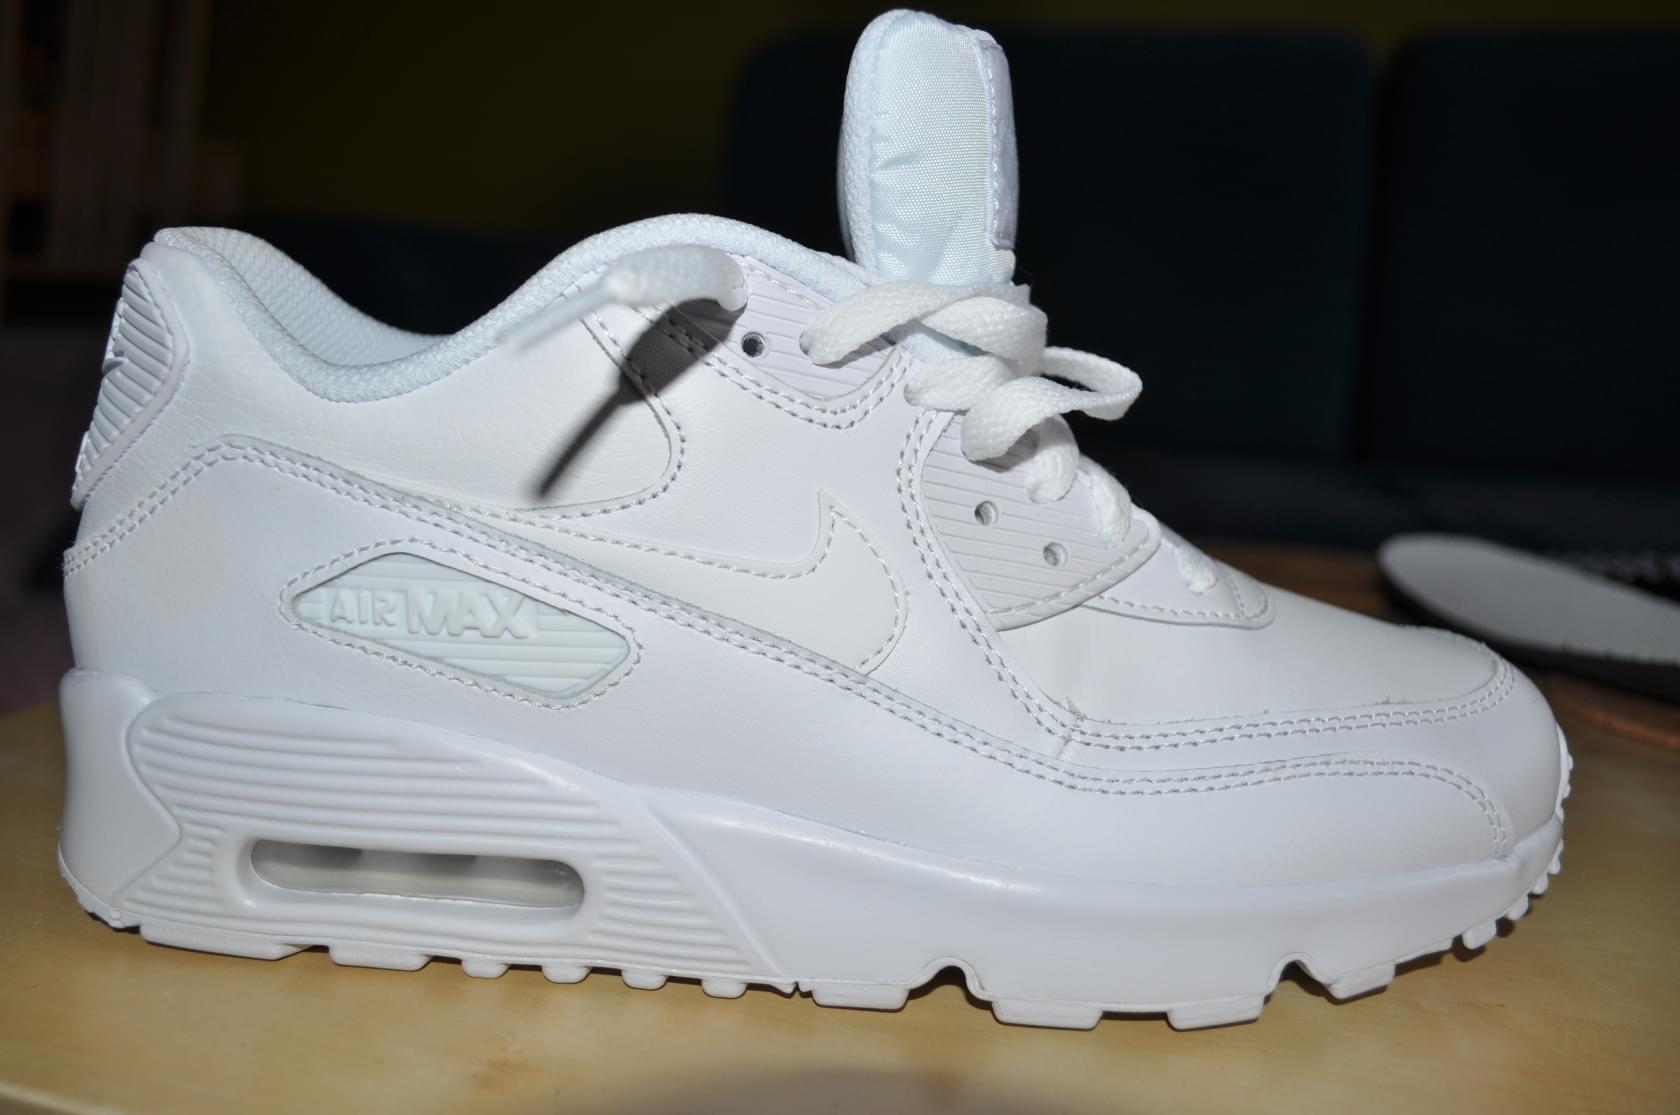 best website 6e76f 17a4c Jak rozpoznać podróbki Nike Air Max? - Wszystko o butach